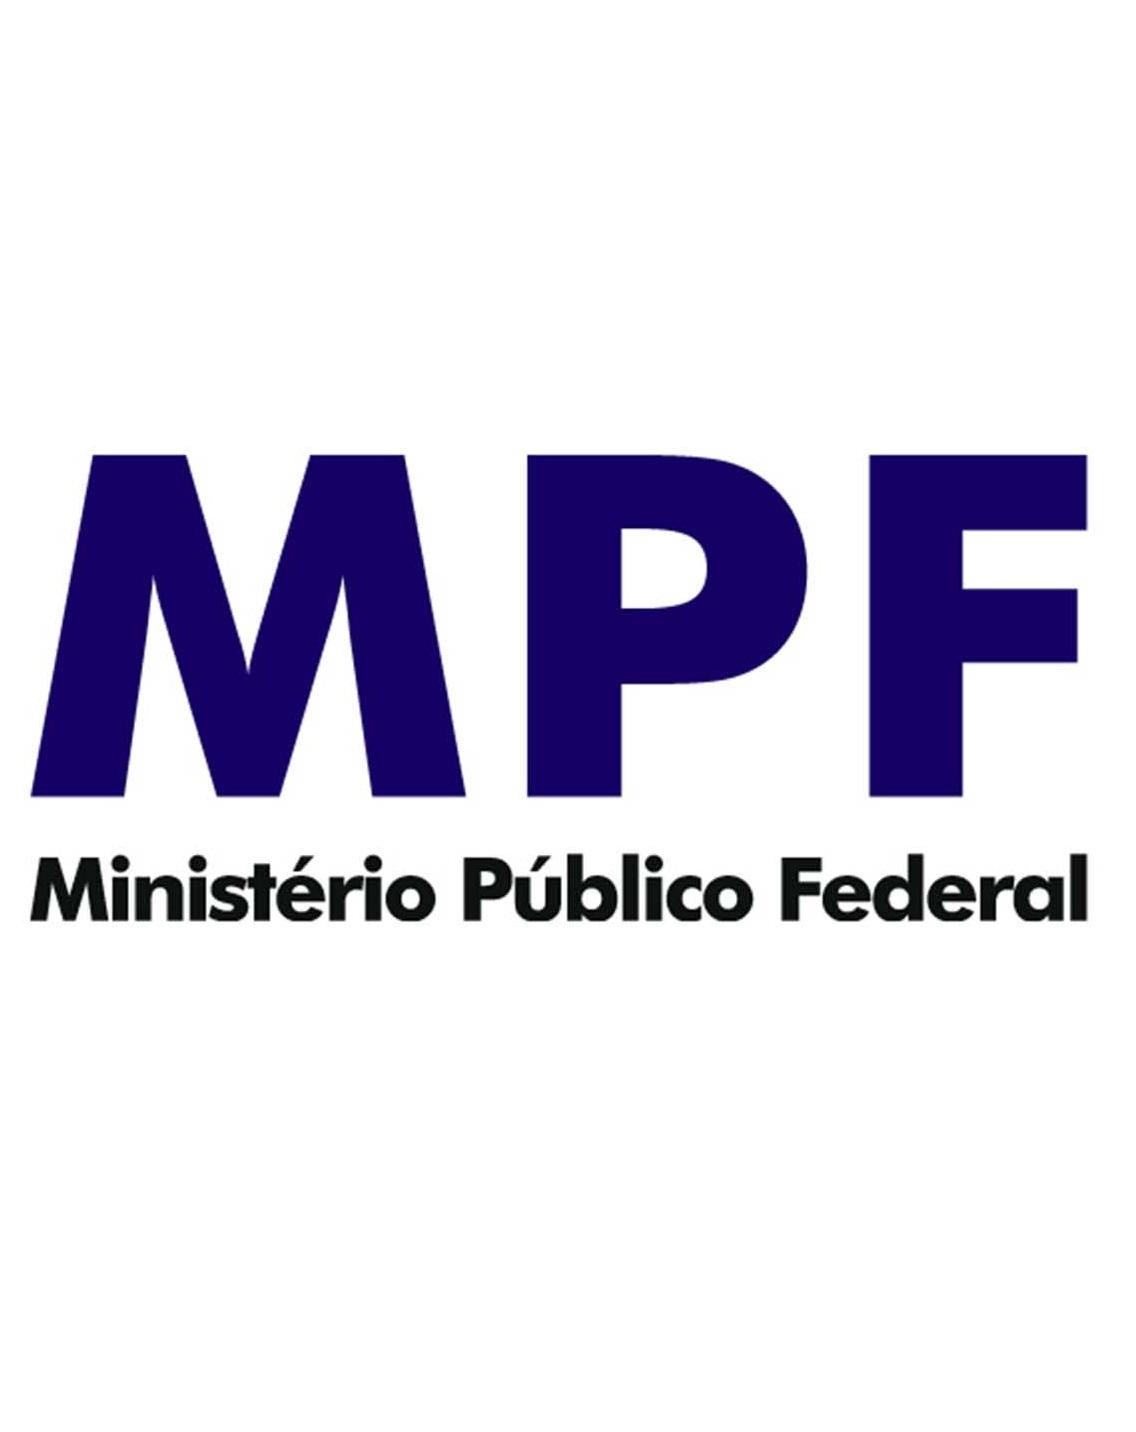 Ação-do-MPF-pede-suspensão-de-faculdades-por-oferta-irregular-de-diplomas